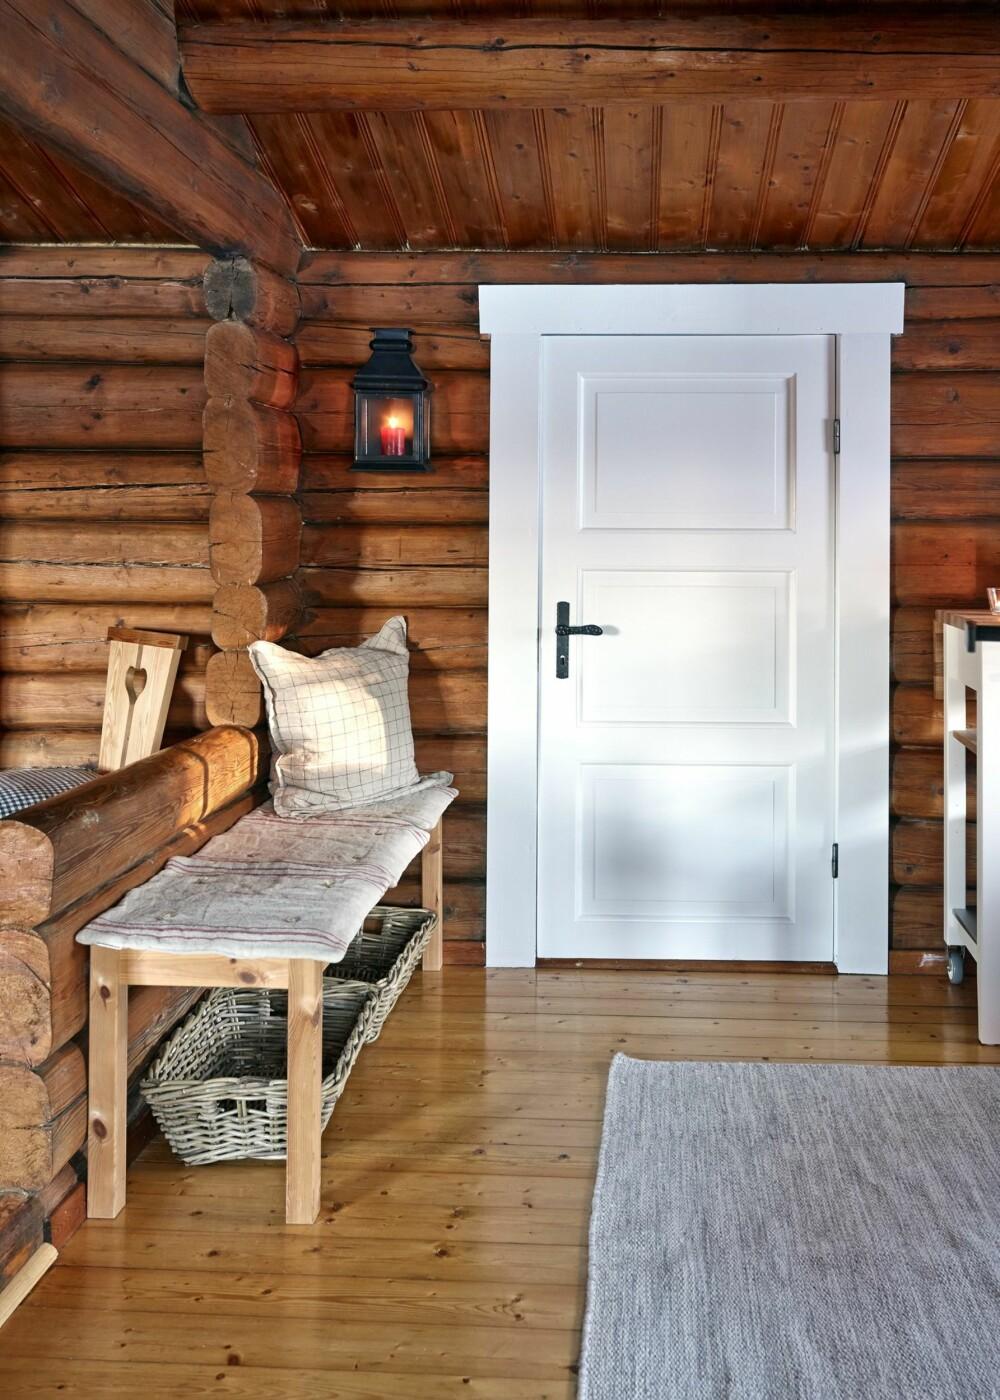 Lun krok: I enden av kjøkkenet, rett ved døren til gangen, er det plassert en hyggelig benk. Den nymalte hvite døren skaper en fin kontrast til tømmeret rundt.